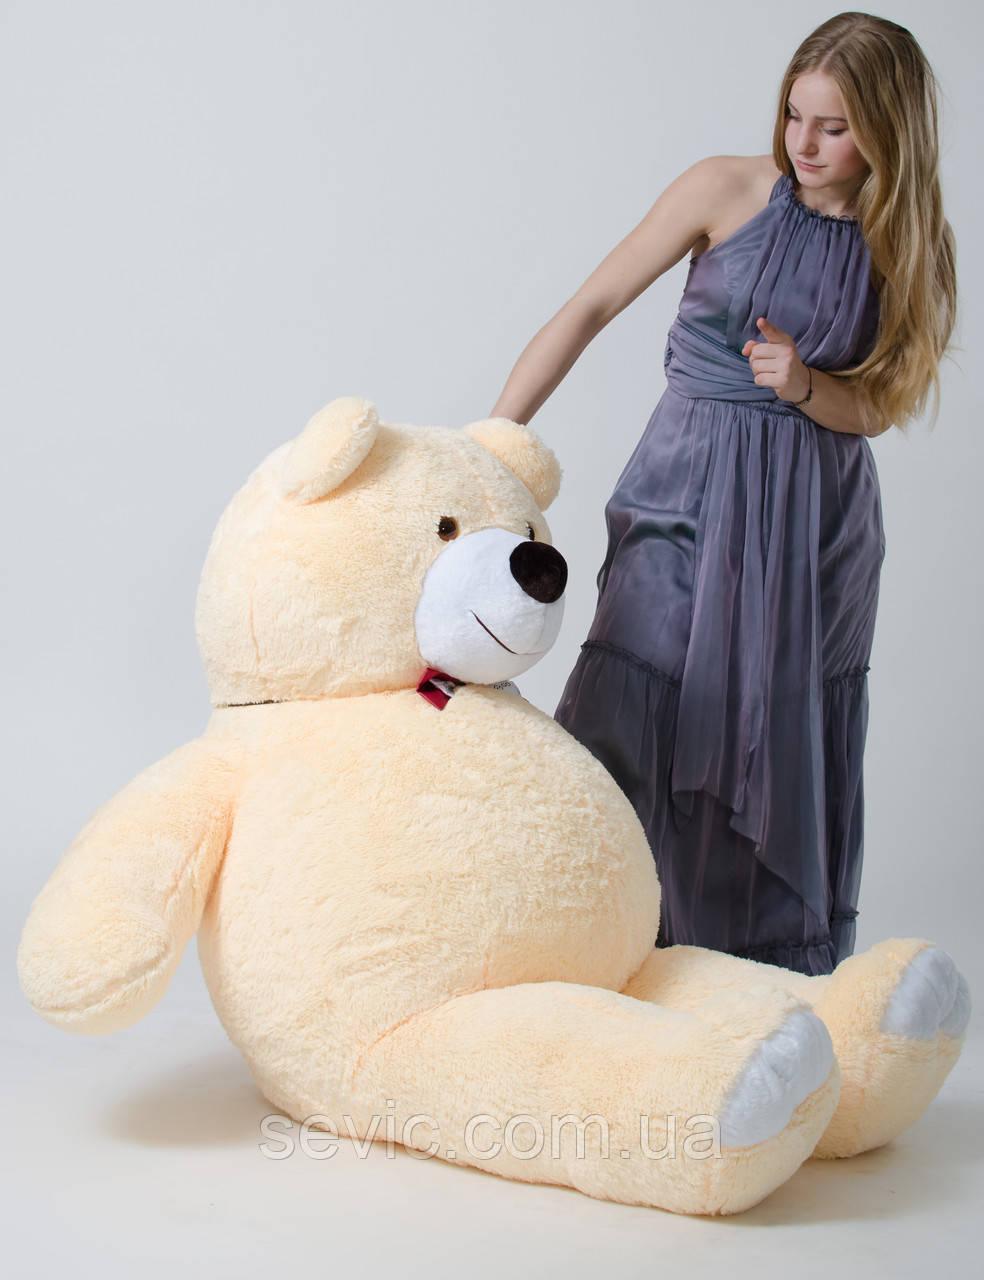 Медведь большой, мягкий ( бежевый ) 2 метра